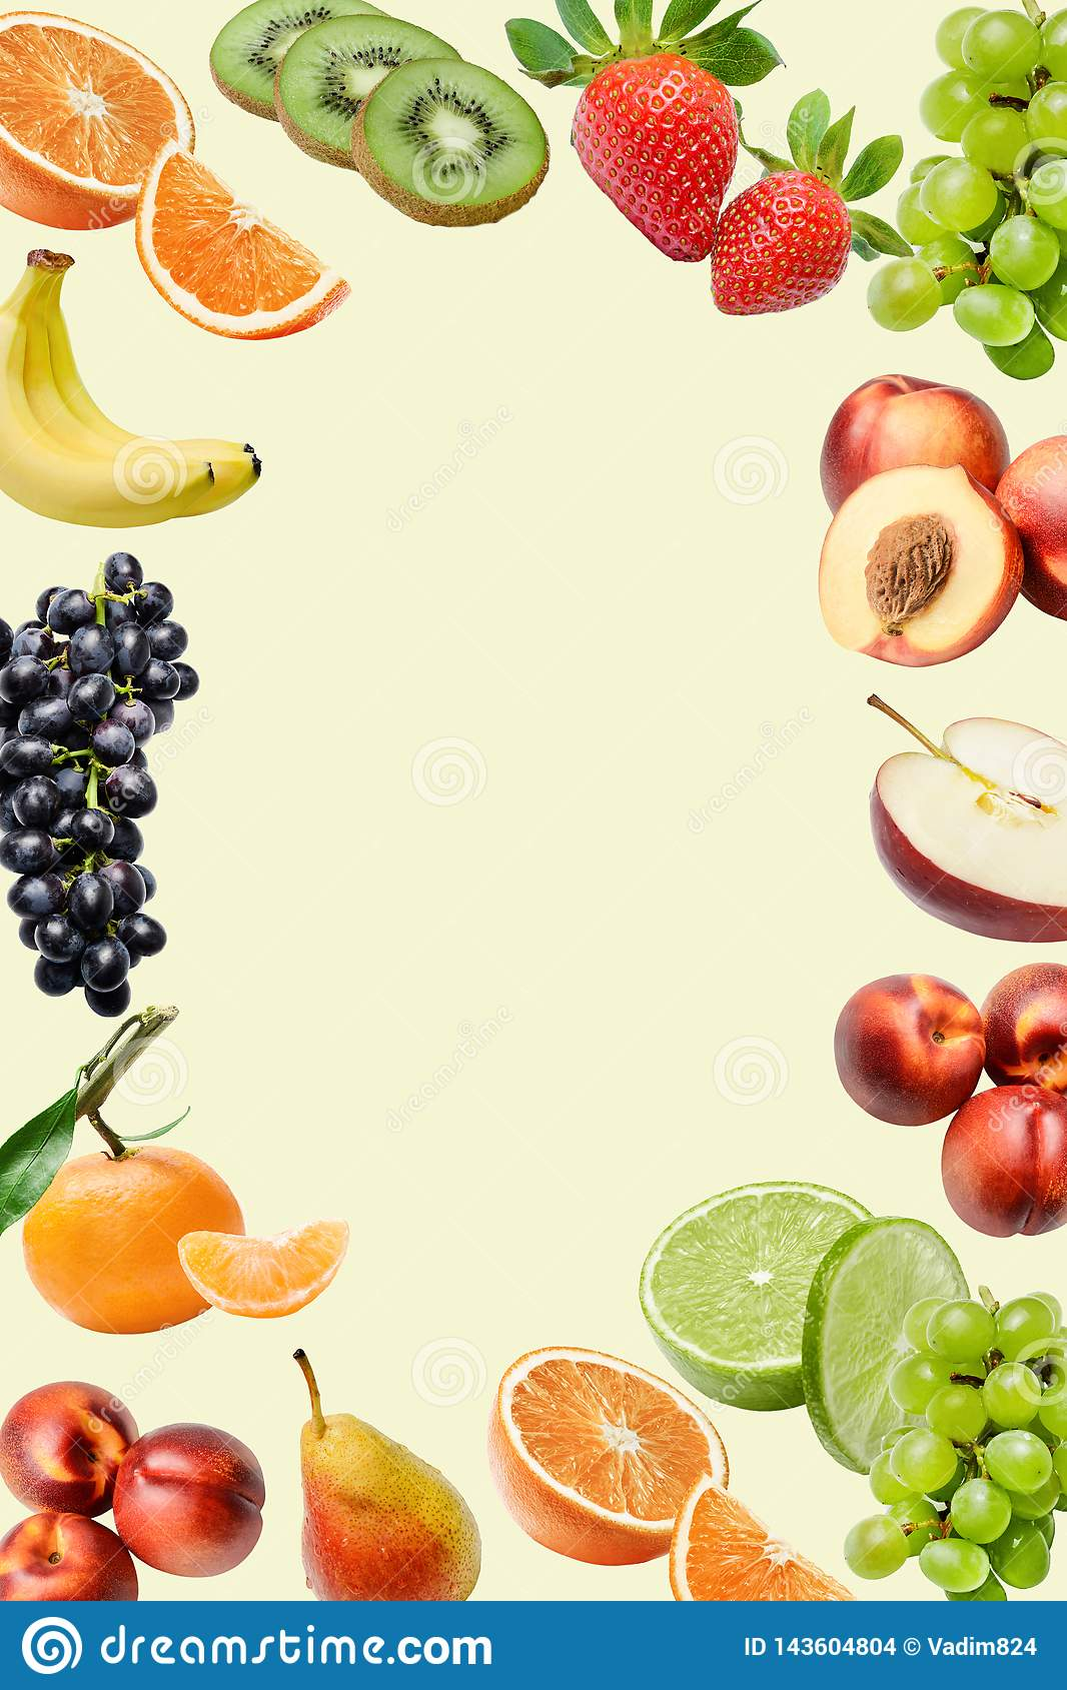 Σύνθεση με μια μεγάλη ποικιλία των διαφορετικών φρούτων γύρω από τις άκρες του πλαισίου Θέση για το κείμενο στη μέση